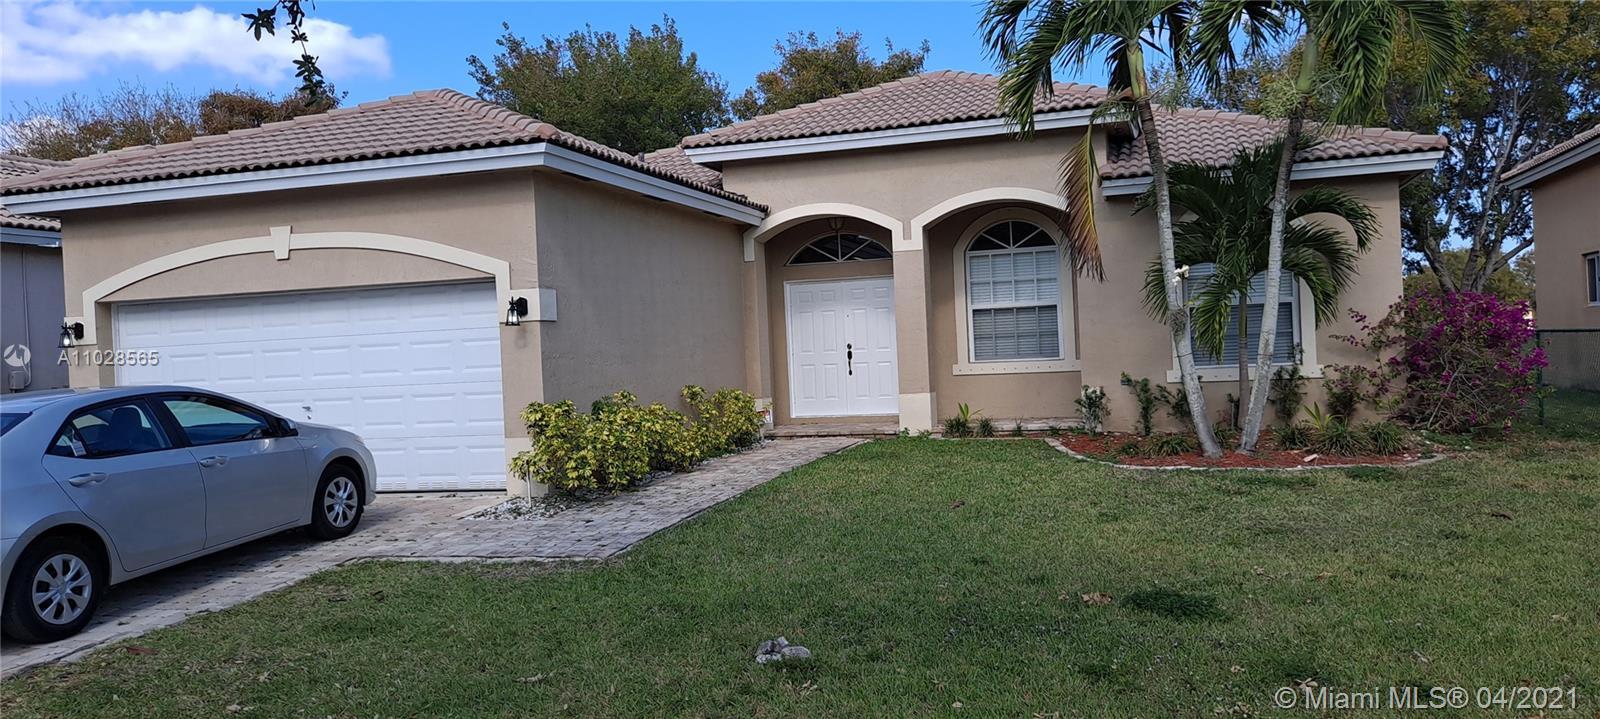 2201 Se 16th Ave Property Photo